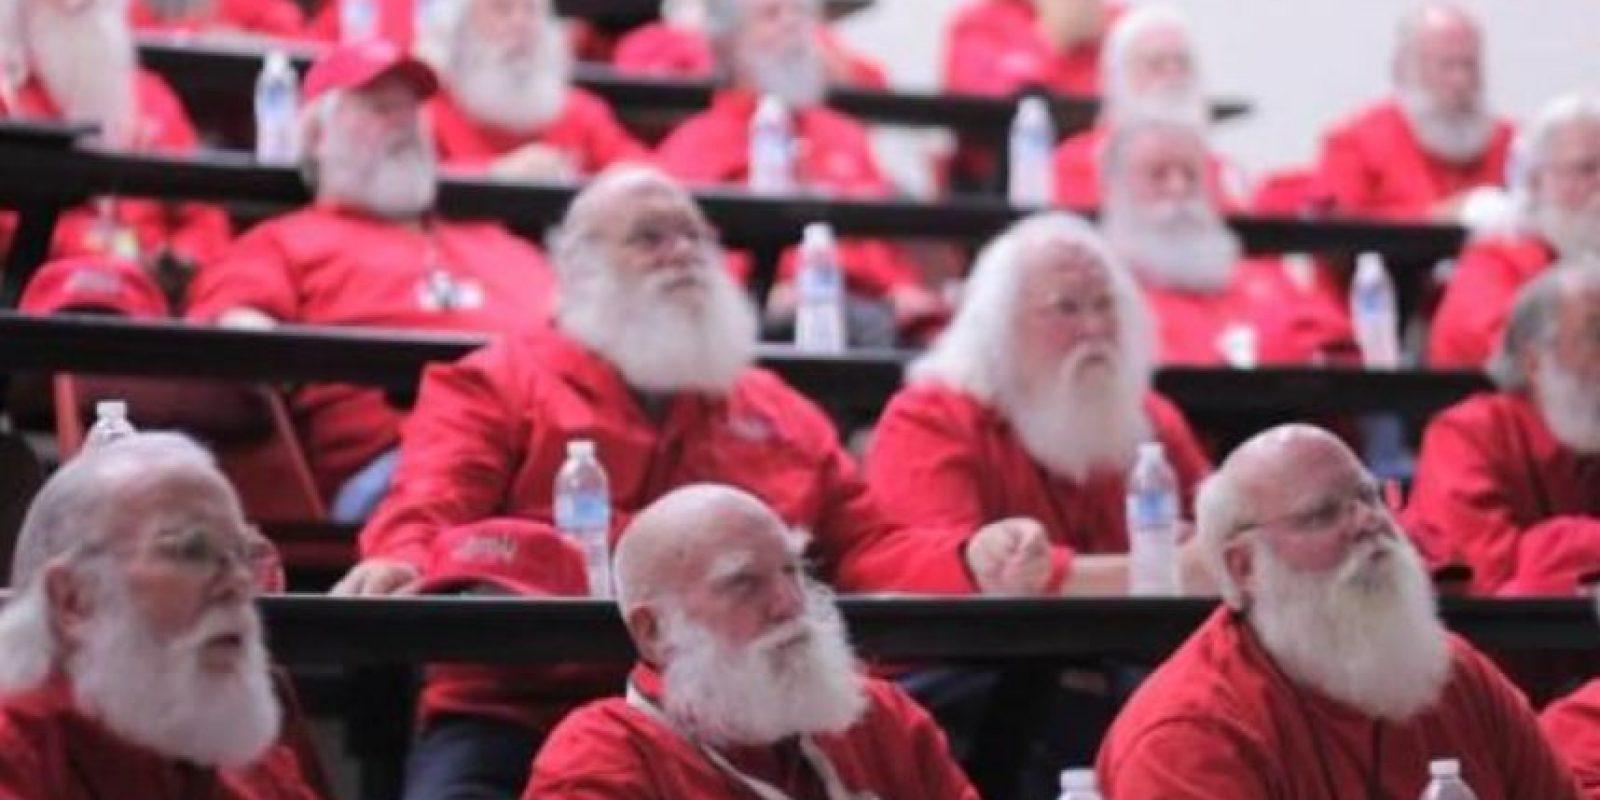 Las clases de la Universidad de Santa son cada verano. Foto:Vía facebook.com/noerrprograms